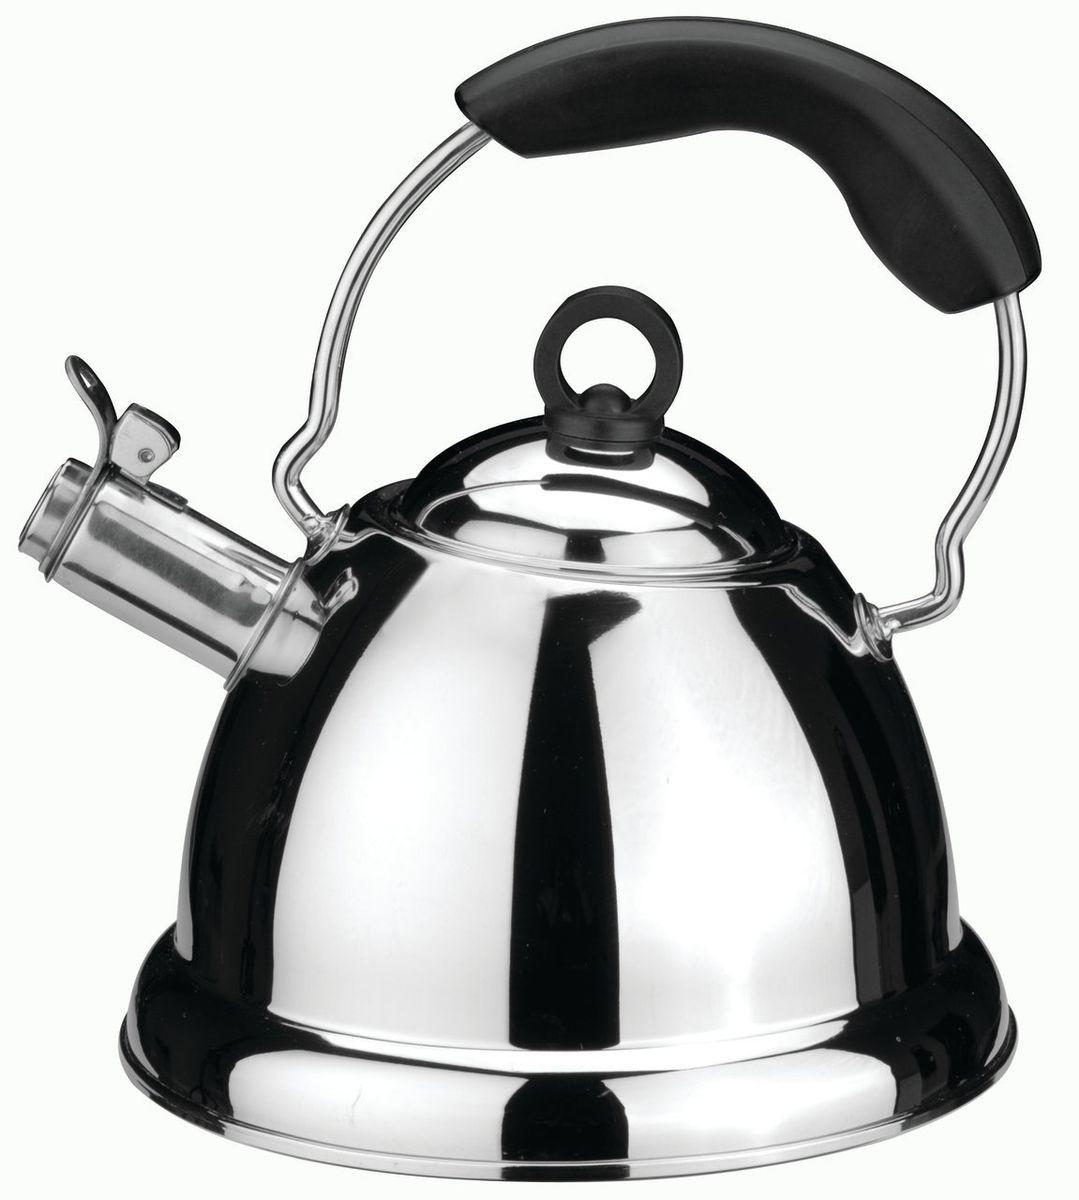 Чайник со свистком Cook&Co 2,5 л , цвет: металлик-черный2800867Чайник со свистком Cook&Co 2,5 л выполнен из нержавеющей стали. Высокоэффективный чайник продуктивно проводит тепло для быстрого закипания. Свисток сообщает о моменте закипания воды. Рекомендуется мыть вручную. Упакован в подарочную коробку. Нержавеющая сталь